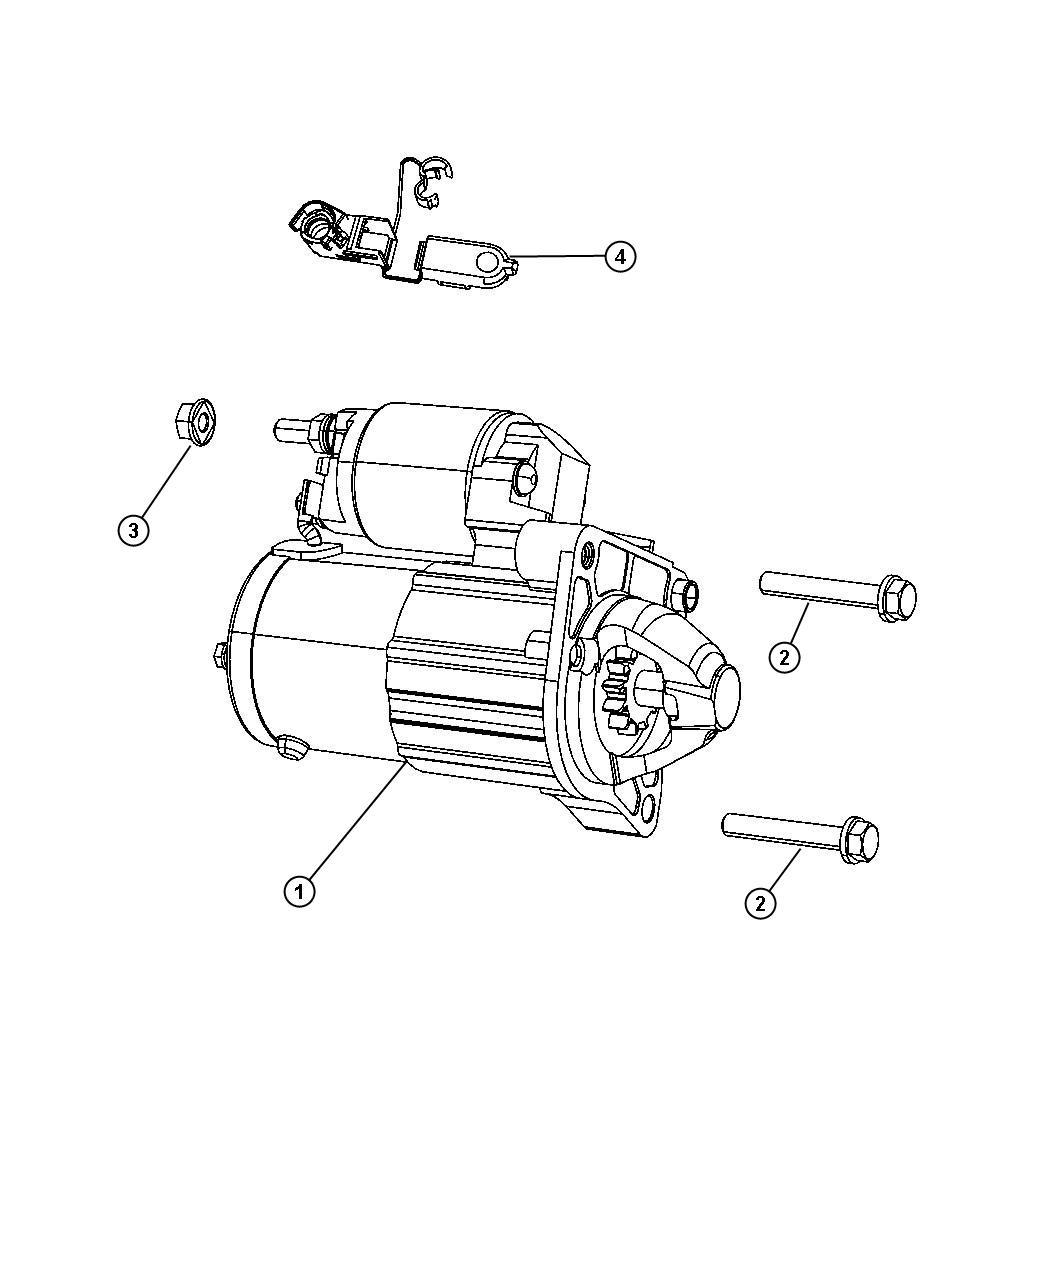 Fiat 500 Starter Engine Remanufactured Maintenance